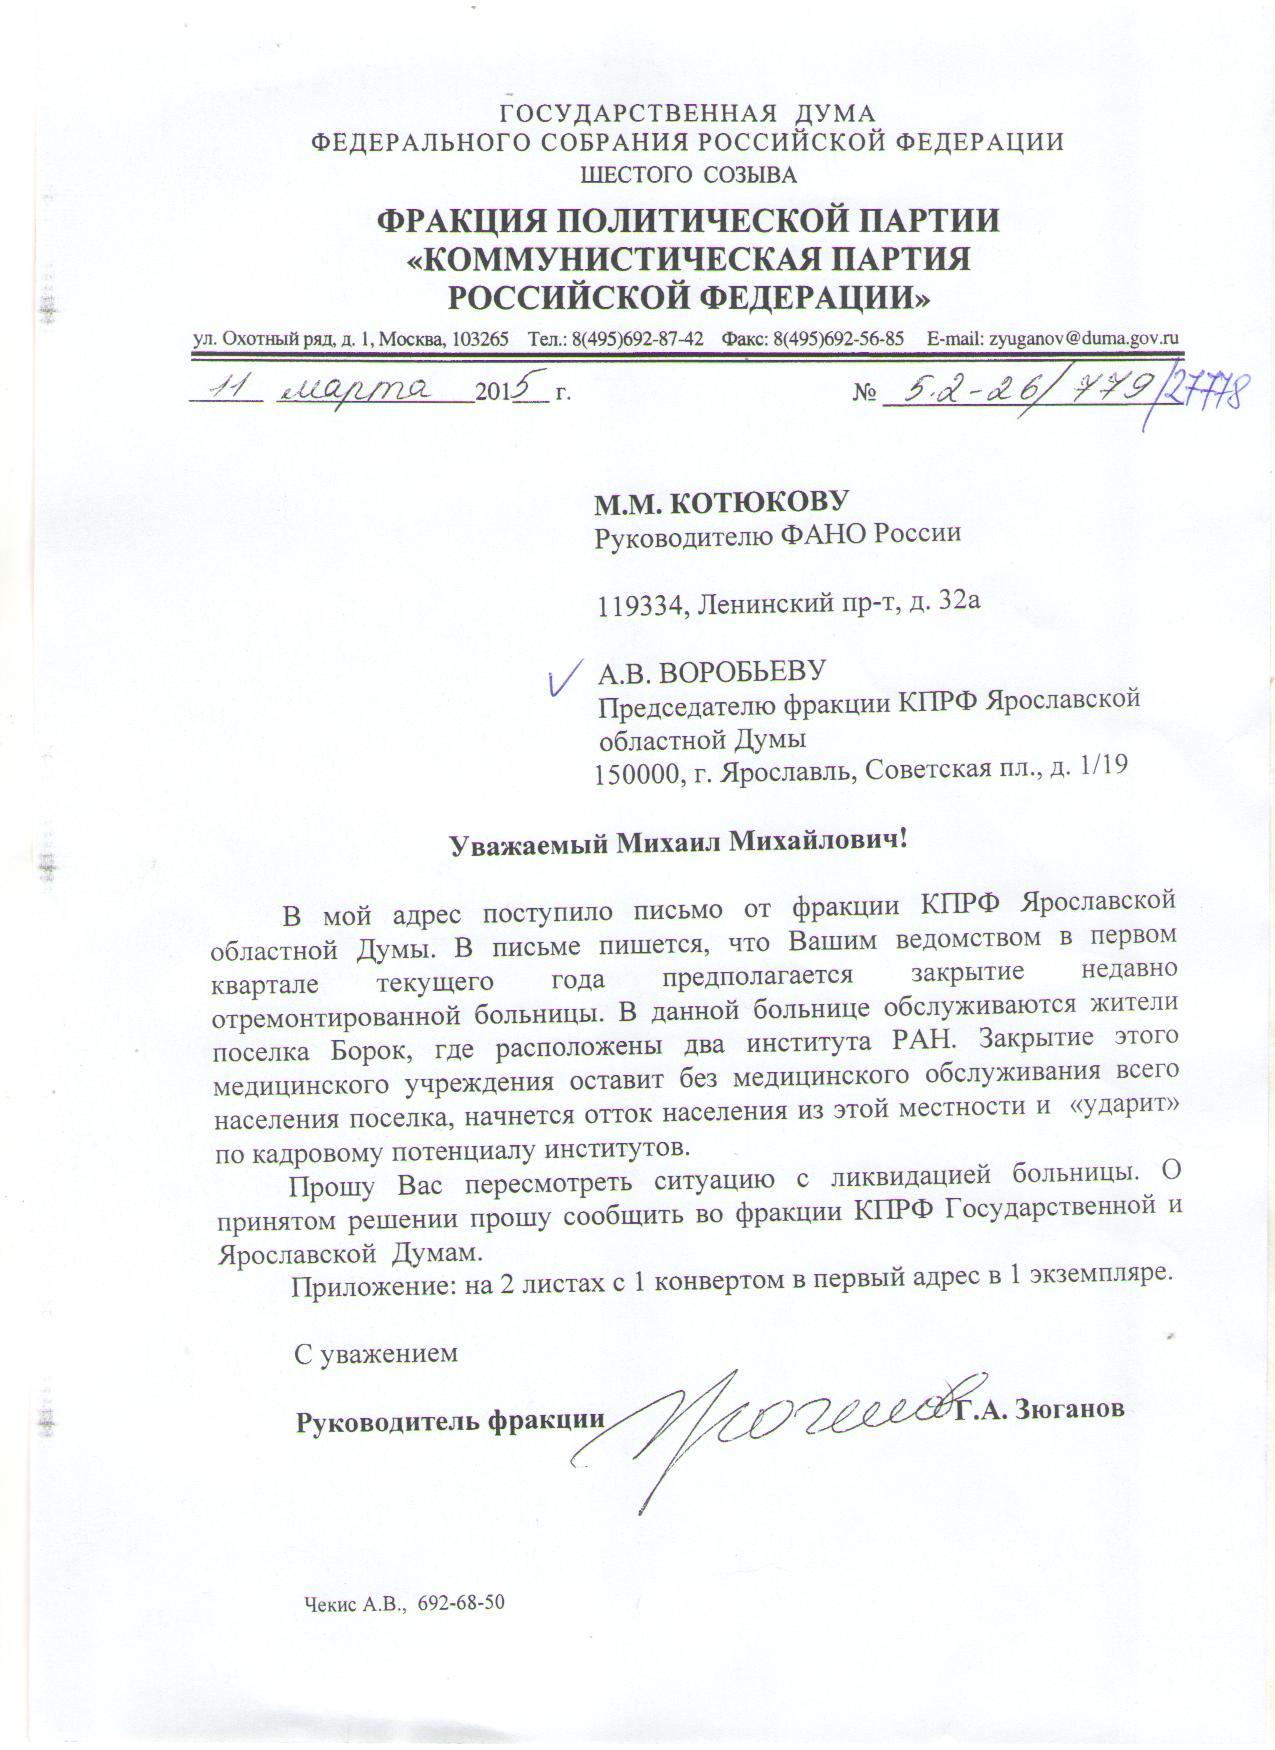 Pismo_Zuganova